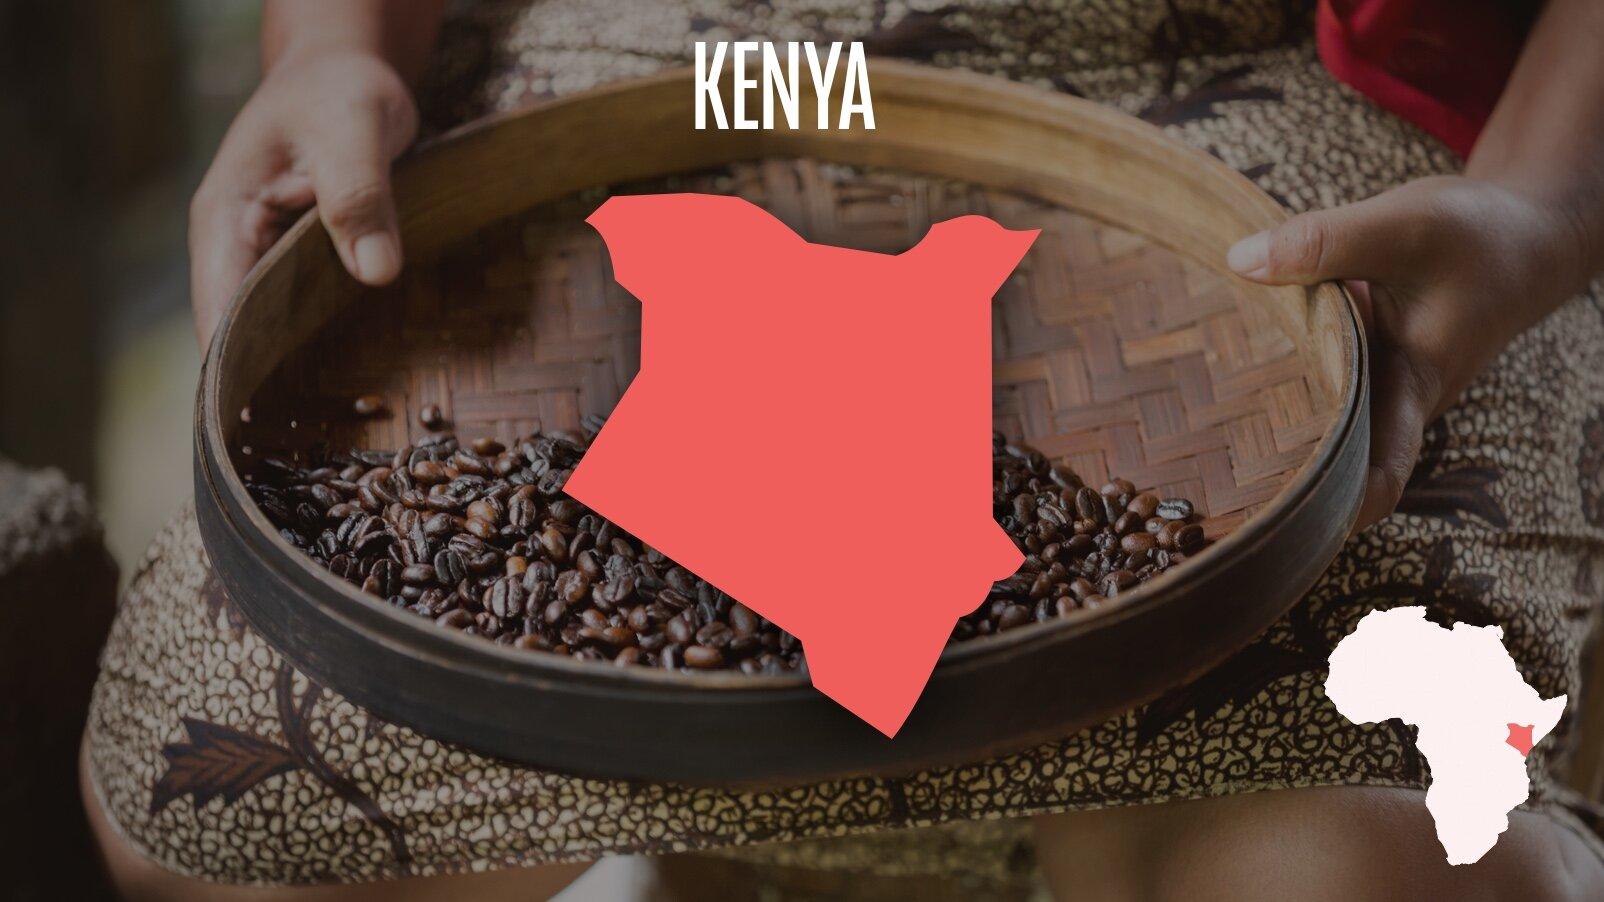 Kenyan Map.jpg